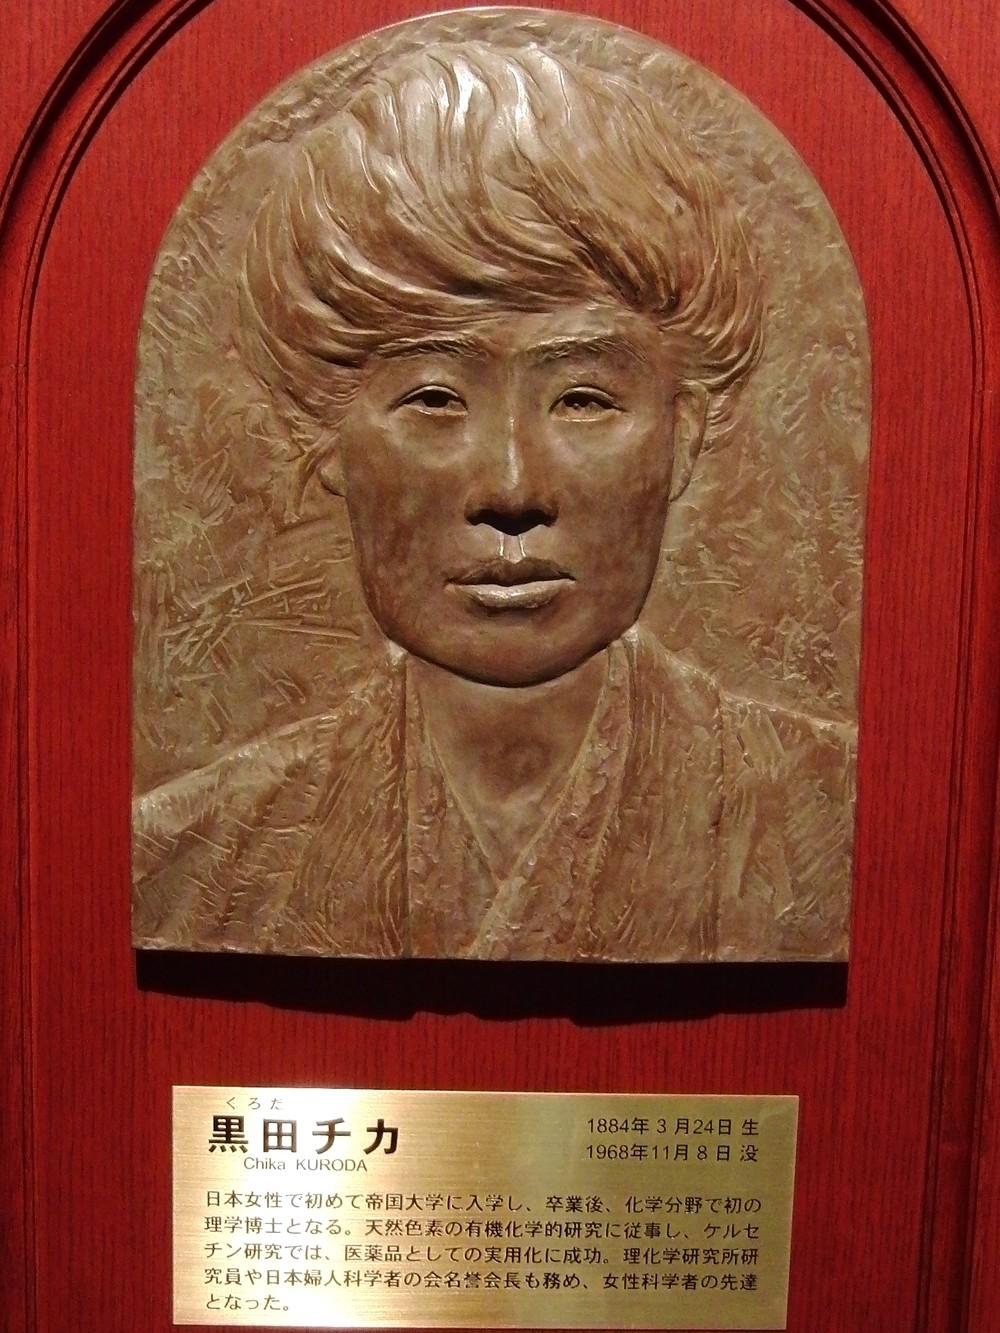 国立科学博物館に展示された黒田チカのレリーフ(Momotarou2012さん撮影、Wikimedia Commonsより)